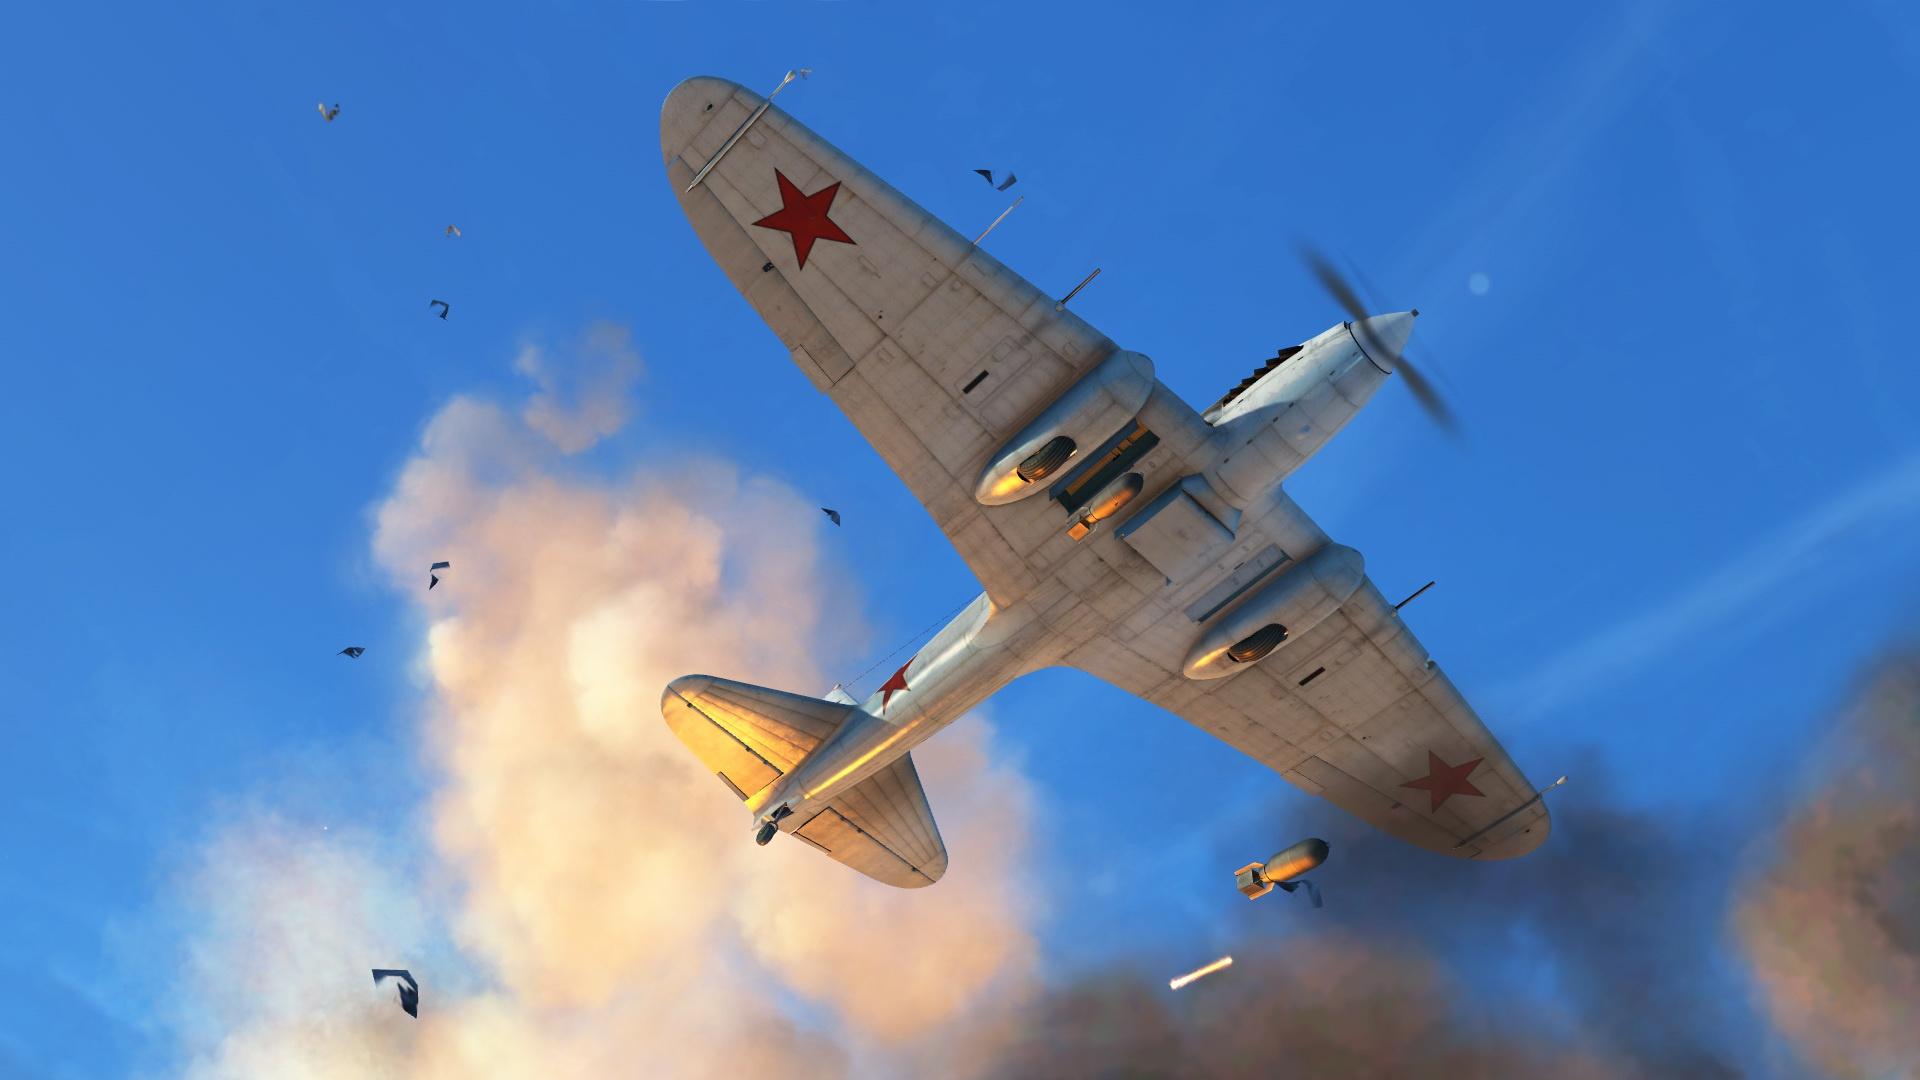 Данные варианты текстур, воссоздающие исторические окраски самолётов, выполнены Максимом Брянским.<figcaption class=